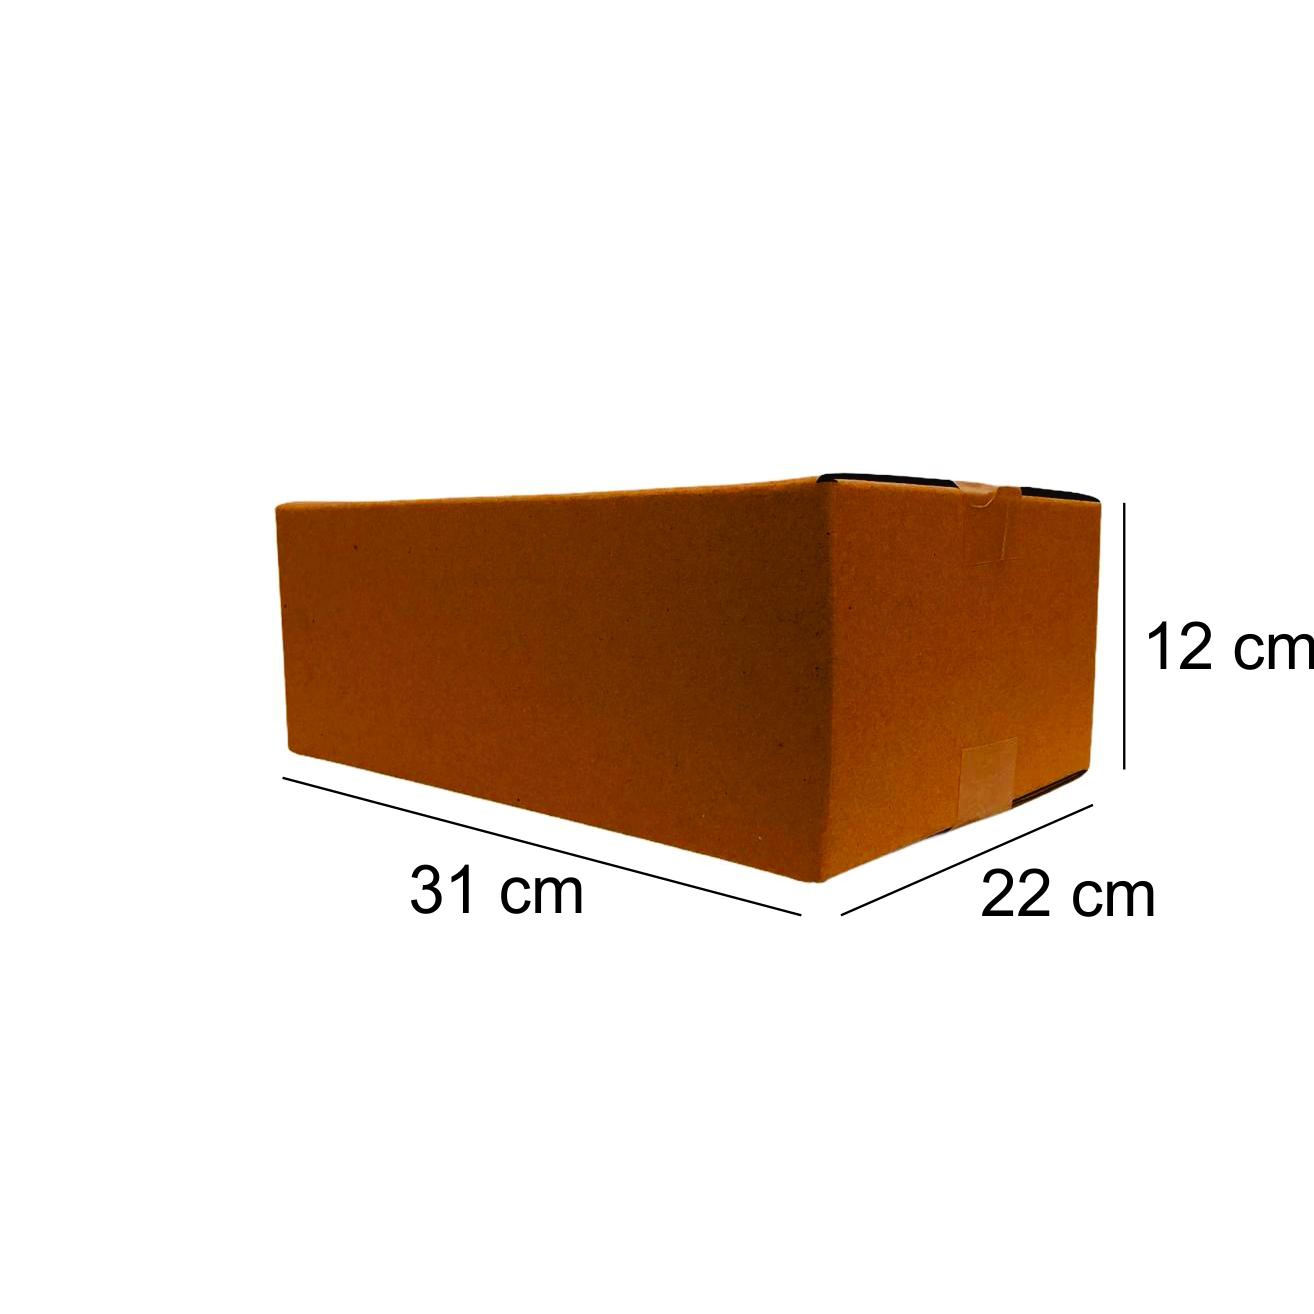 200 Caixas de Papelao (31X22X12)cm - Sedex / Pac / Correios